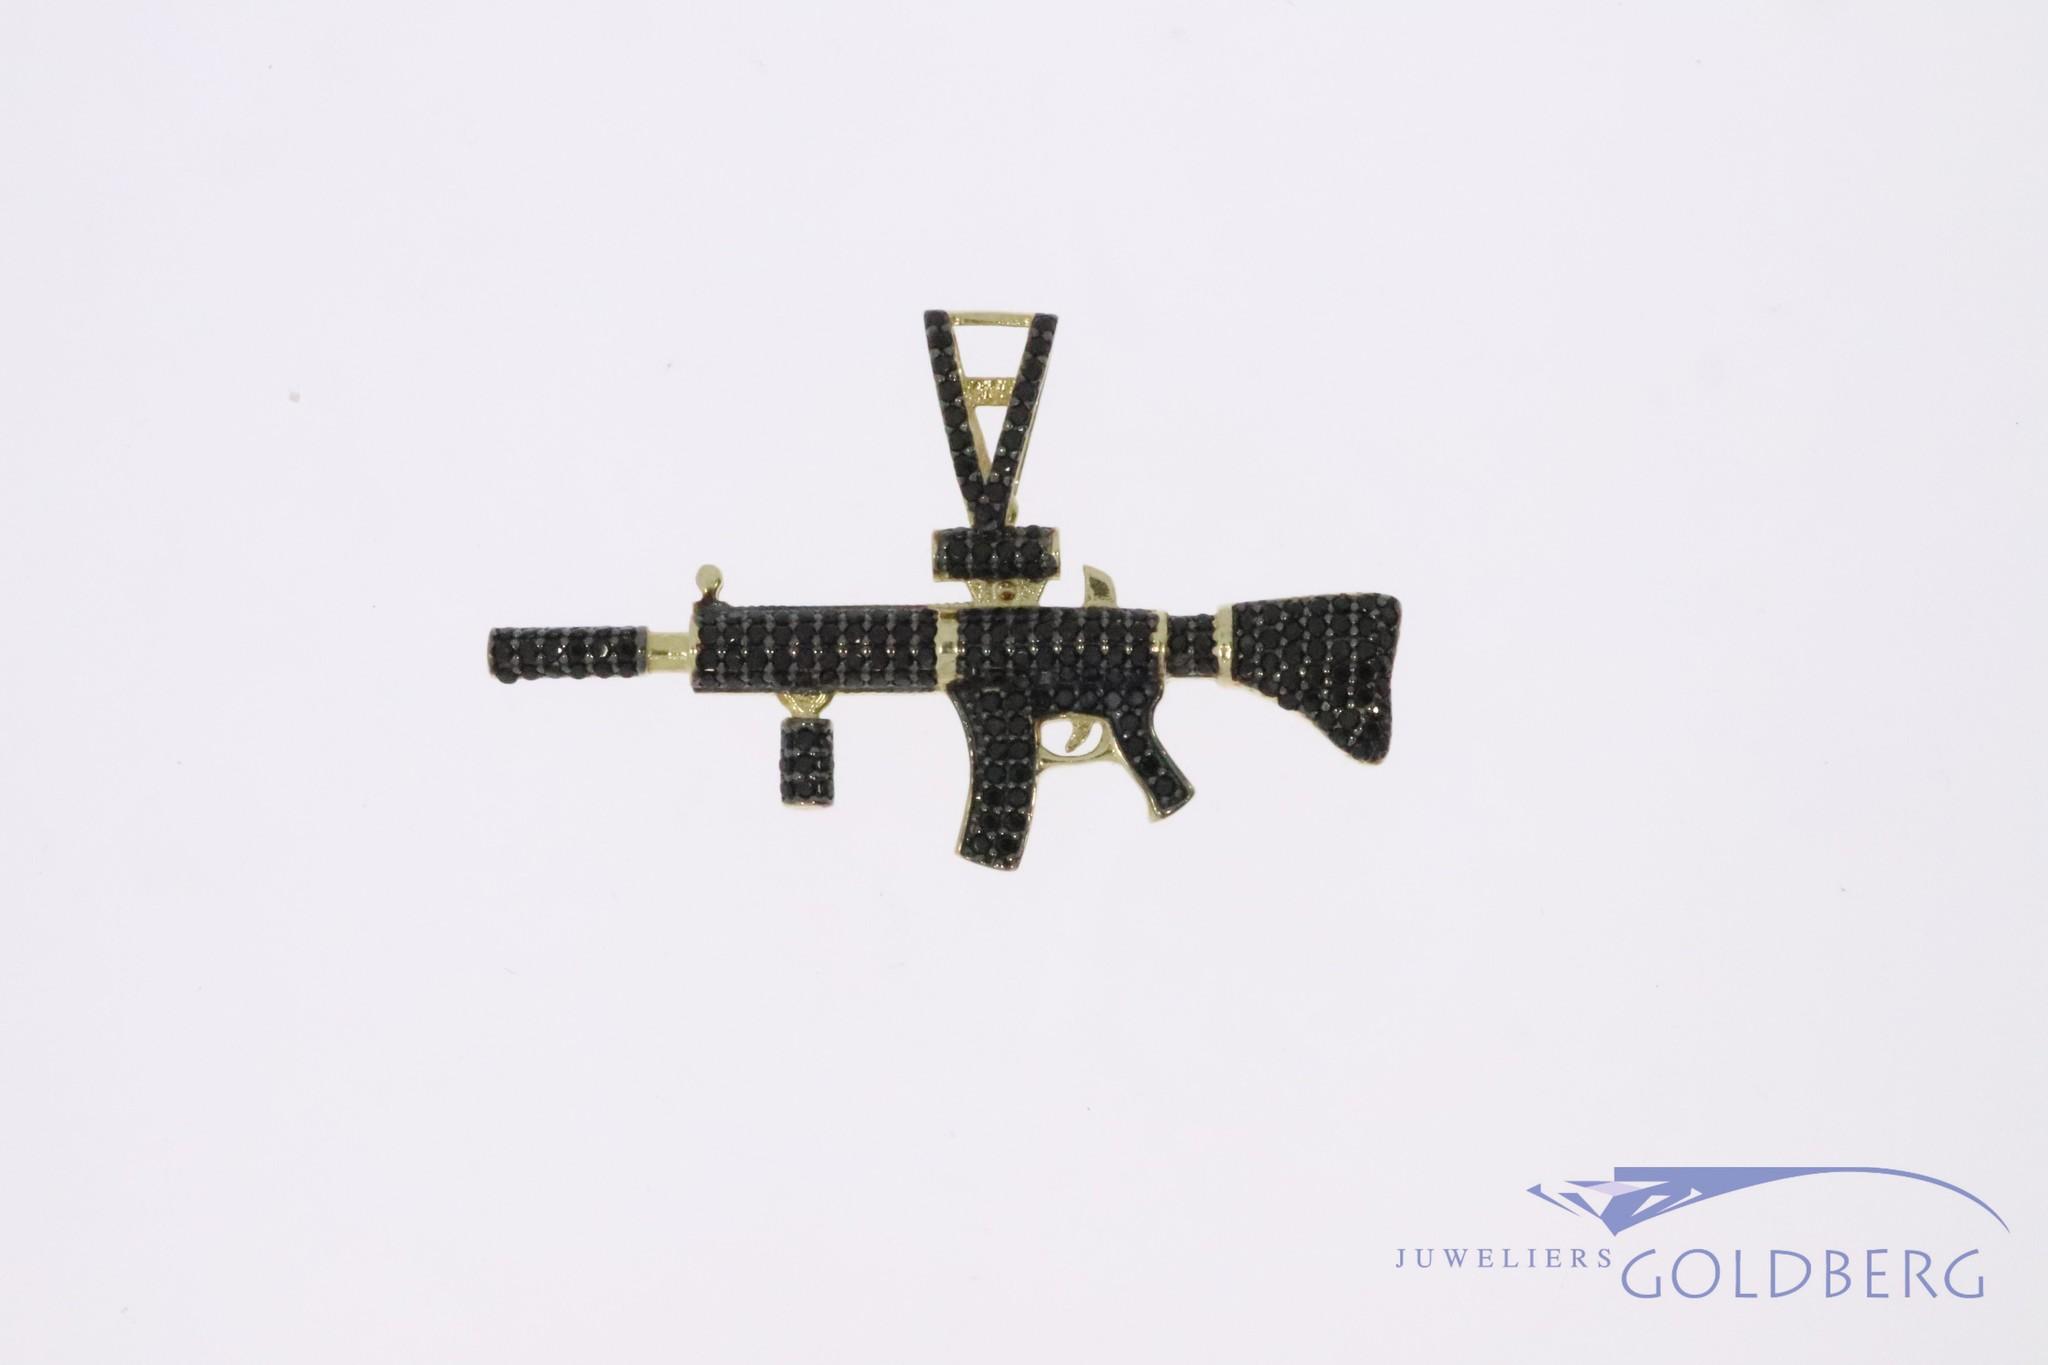 14k gouden gedempt M4 aanvalsgeweer hanger met zwarte zirconia's